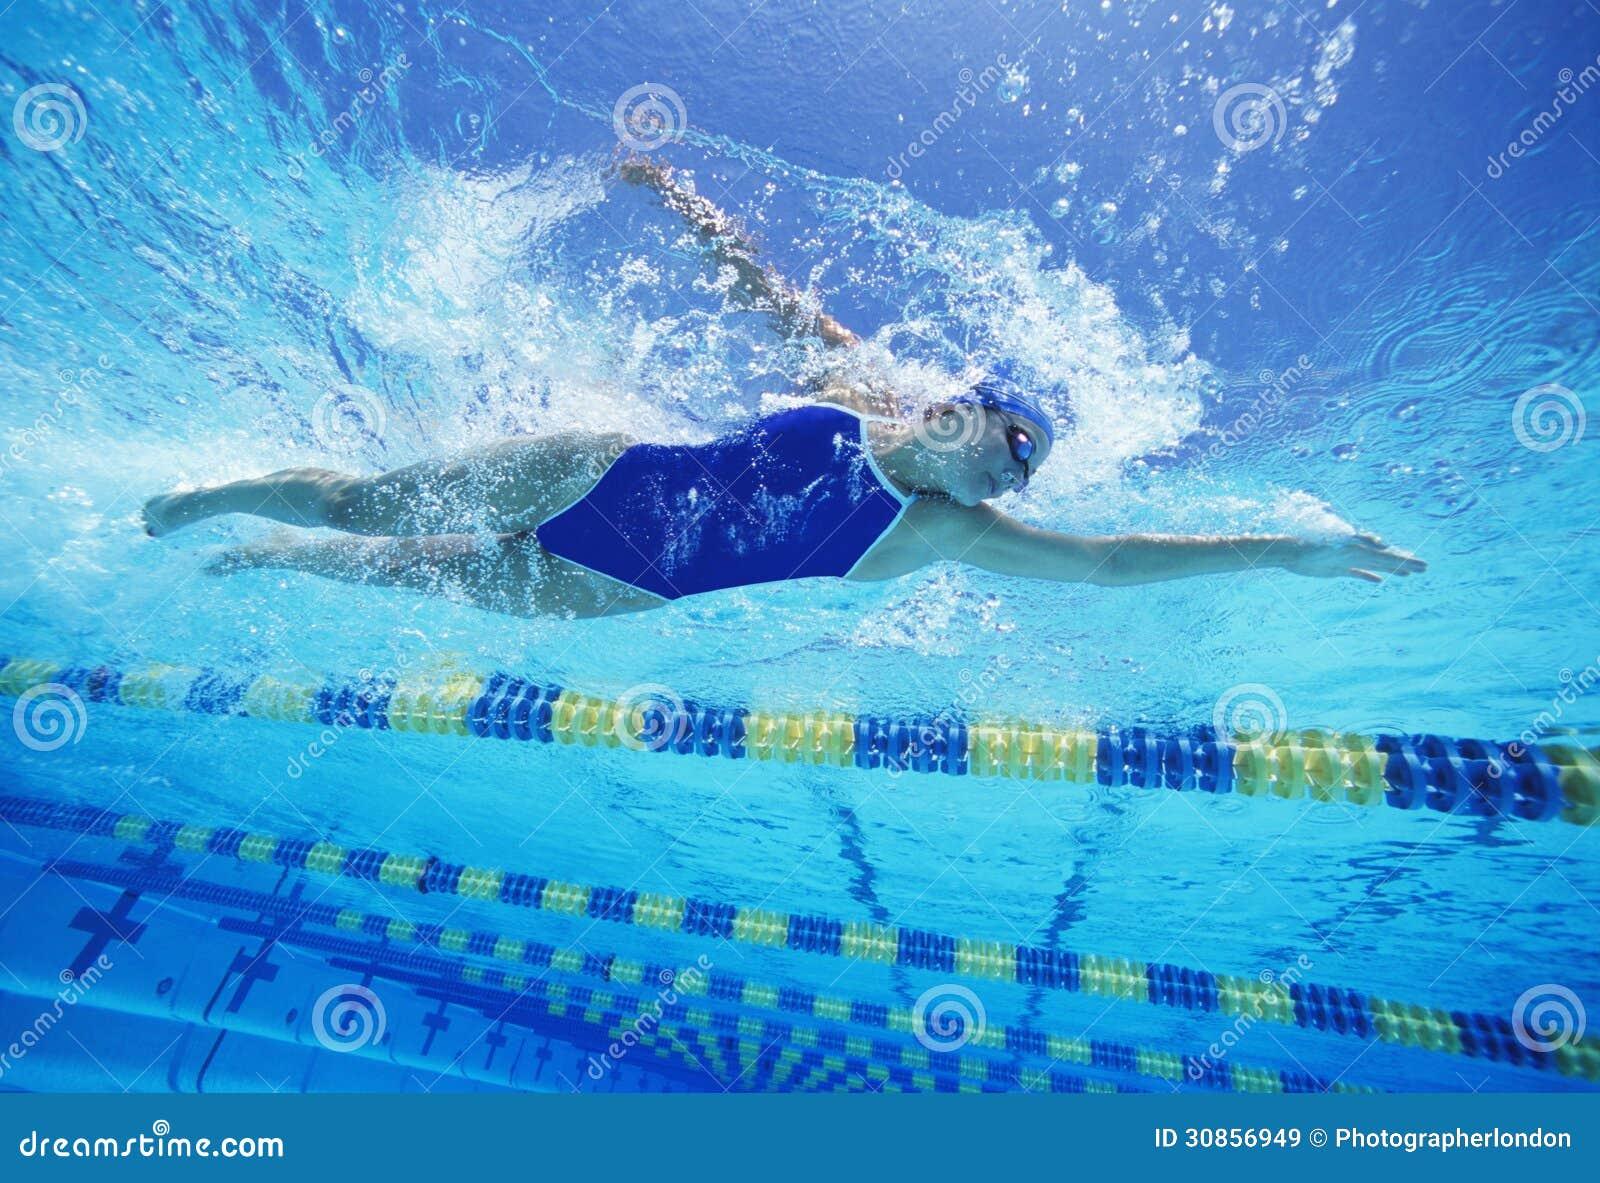 穿美国泳装的女性游泳者,当游泳在水池时